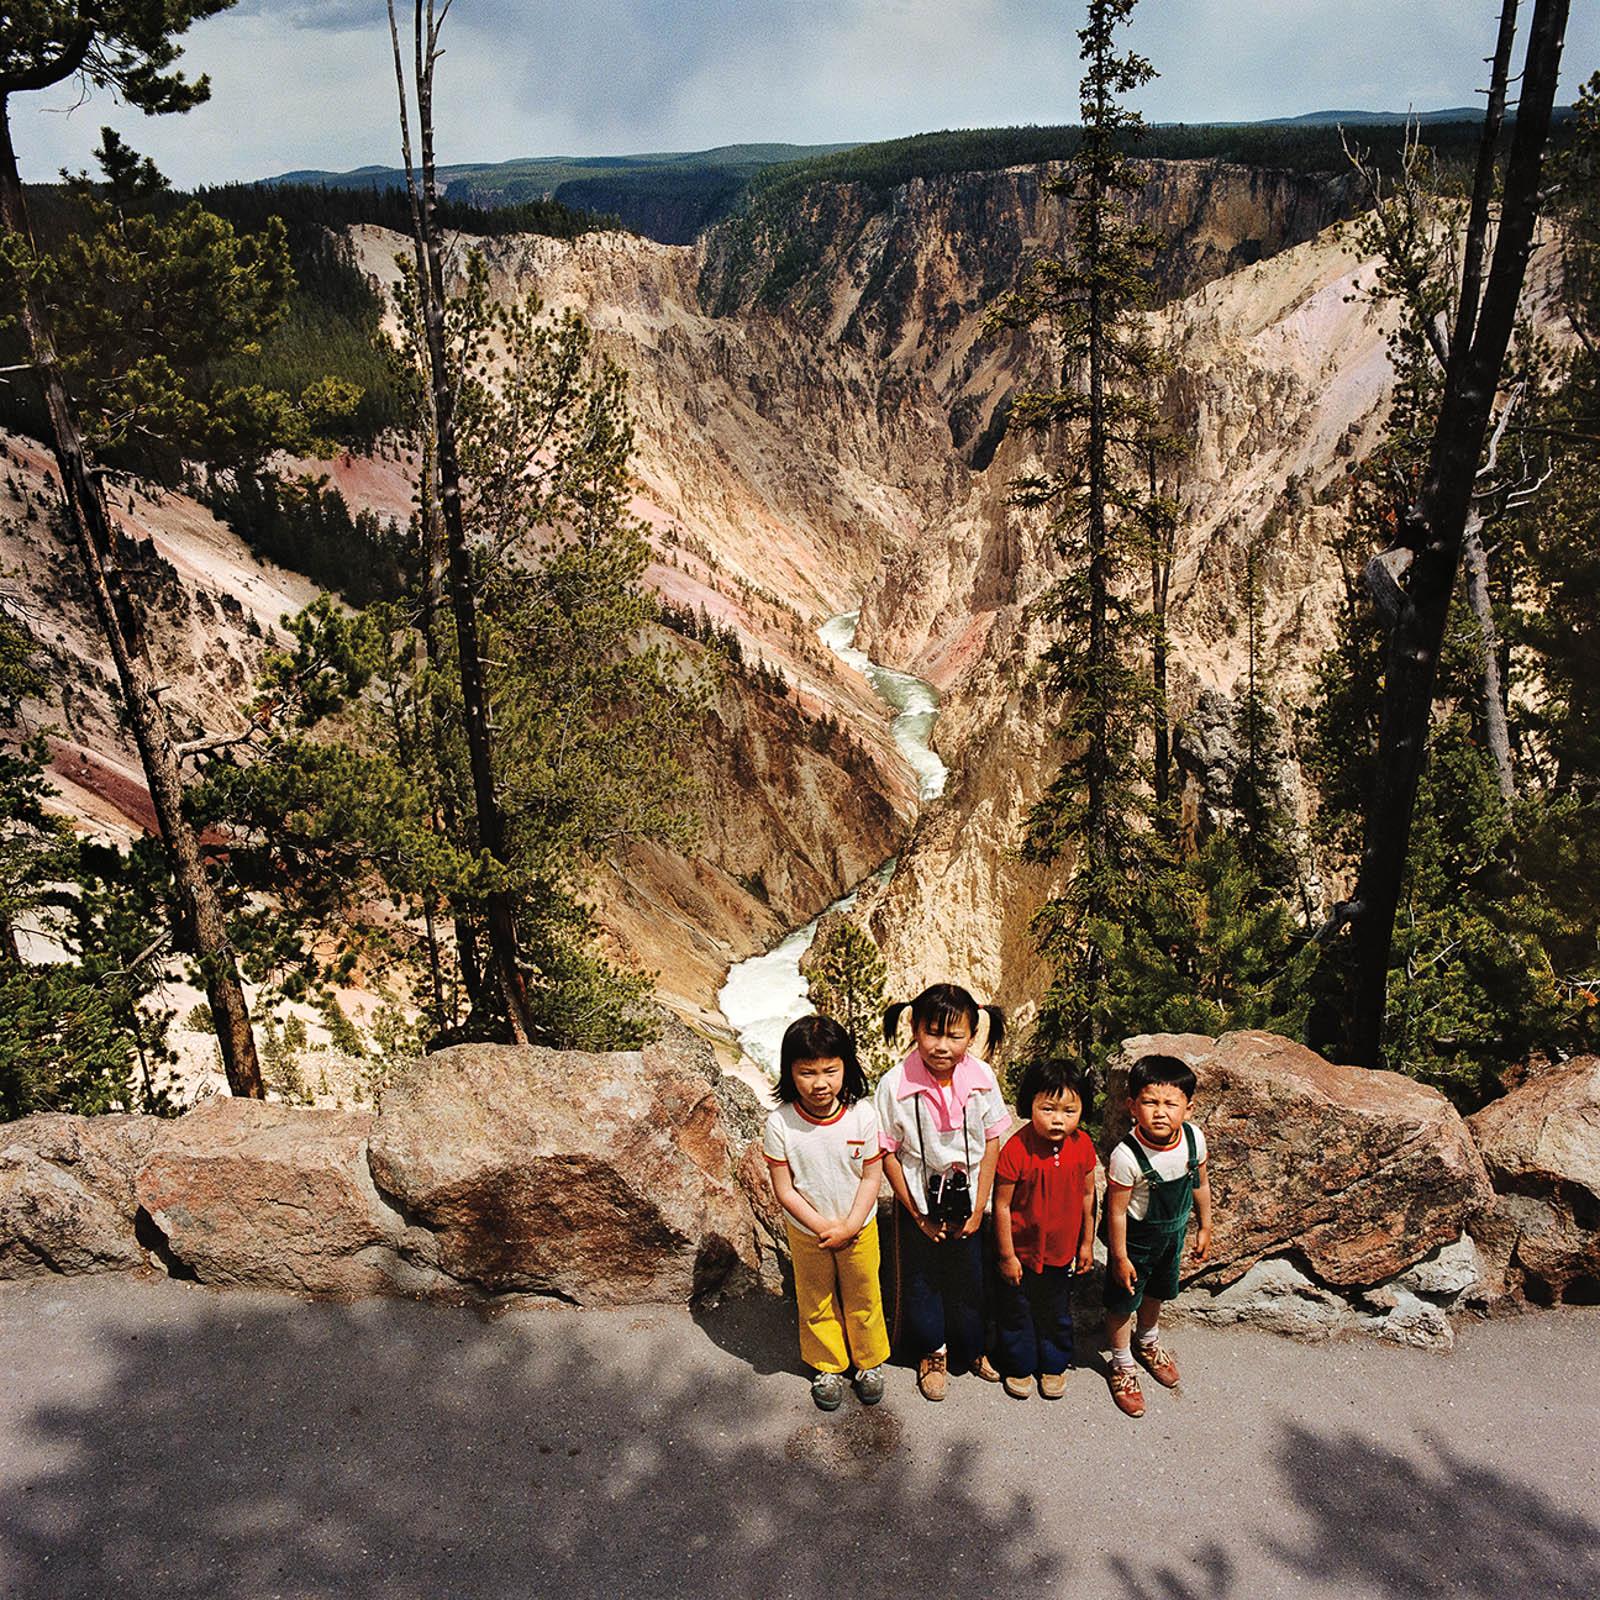 Children at Yellowstone National Park, Wyoming 1980